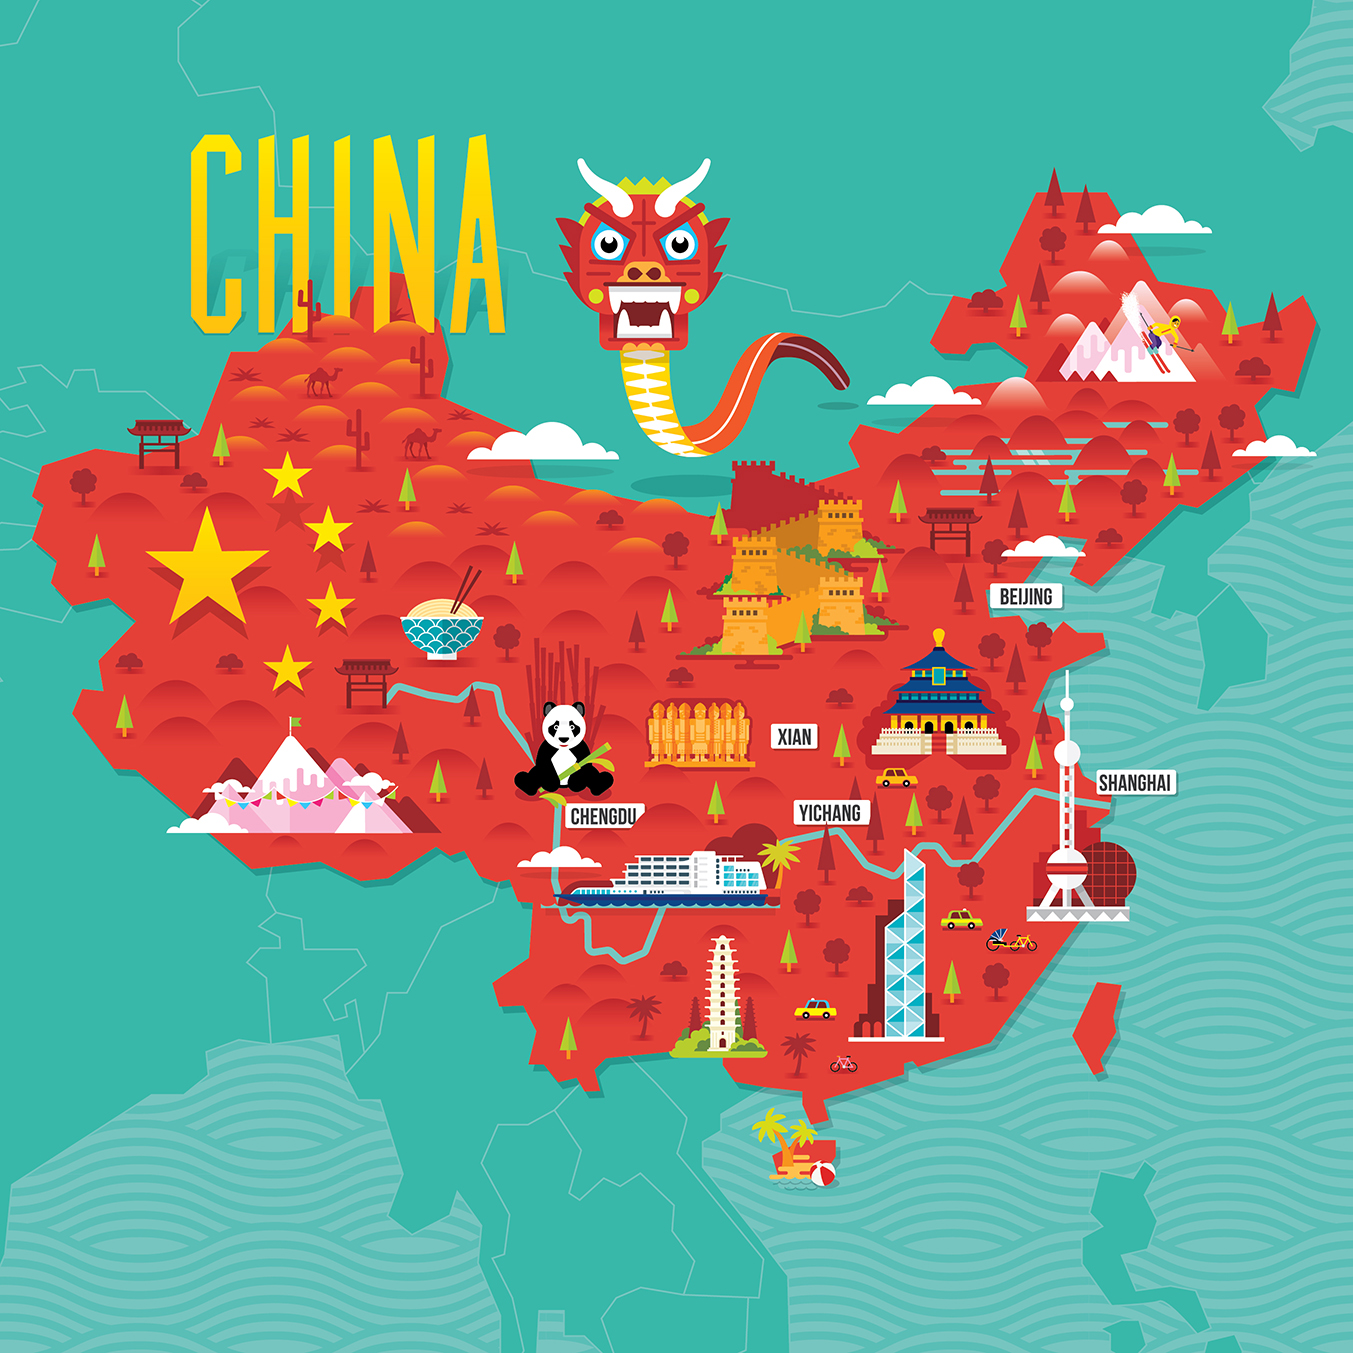 China Tourism Stuart Holmes Design